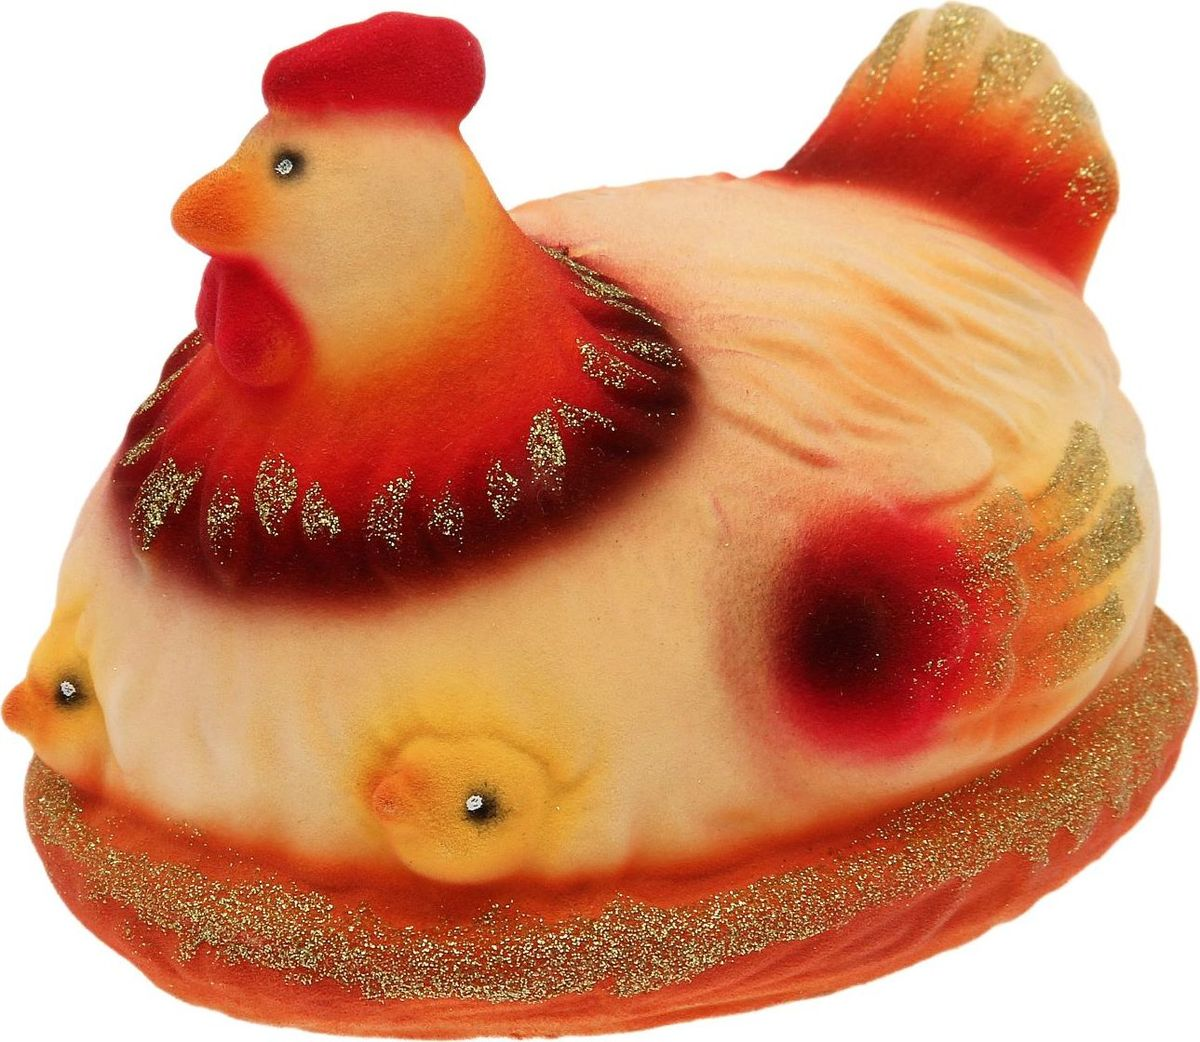 Копилка Керамика ручной работы Курица с цыплятами, 17 х 14 х 13,4 см1687359Копилку с символом петуха стоит поставить дома или подарить близким людям, чтобы в дальнейшем сопутствовала удача, а доходы приумножались. Складывайте в неё монетки любого достоинства, и вы будете приятно удивлены накопленной суммой. Обращаем ваше внимание, что копилка является одноразовой.